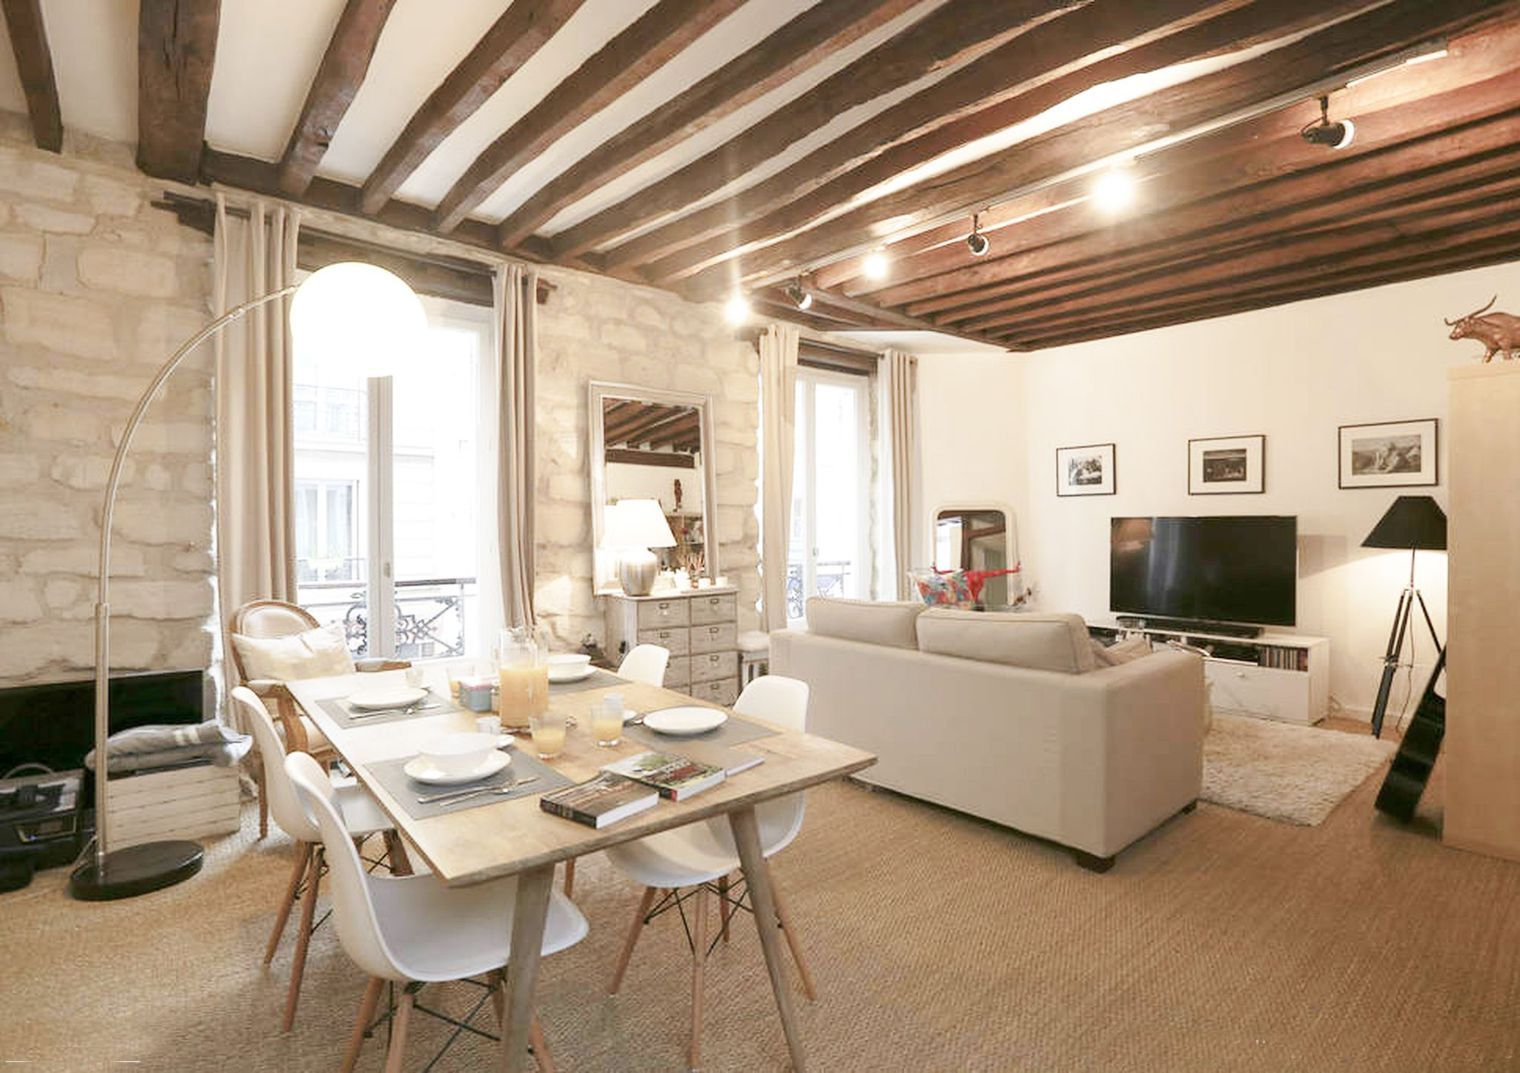 Deco sale manger moderne dining room design ideas en - Amenagement salon salle a manger 15m2 ...